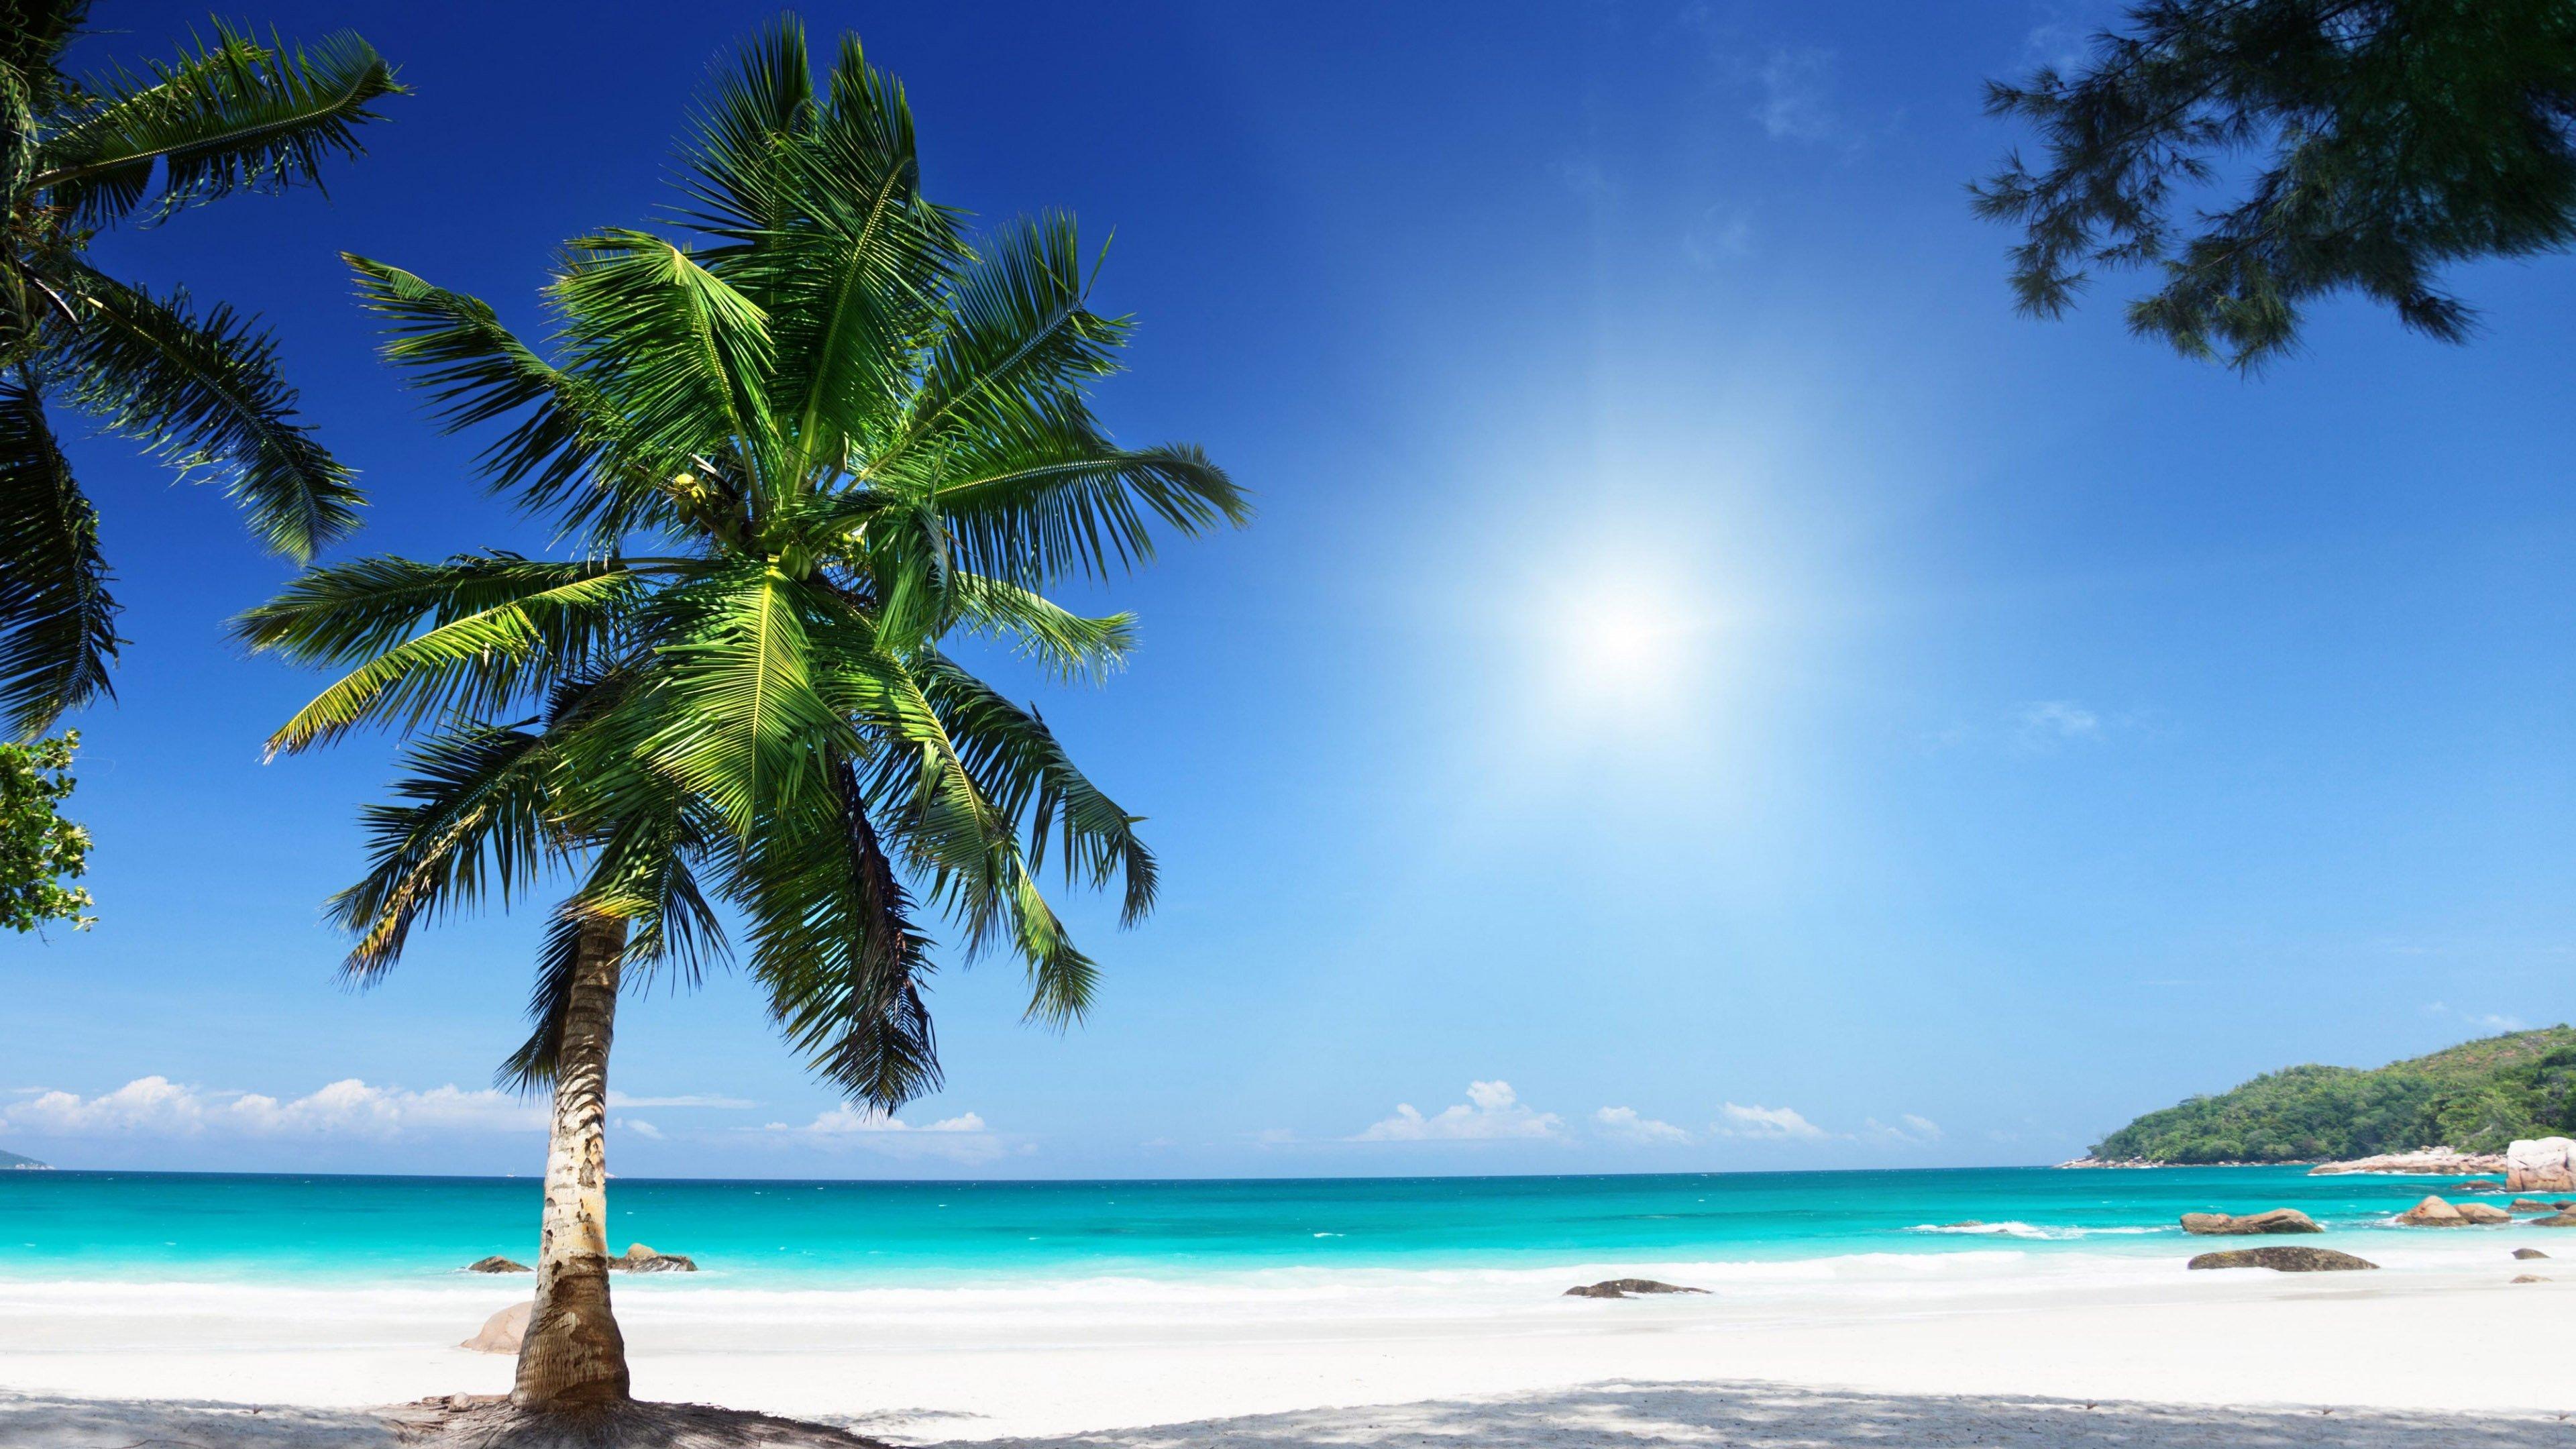 Palm tree 4k ultra hd wallpaper 3840x2160 - Free palm tree screensavers ...